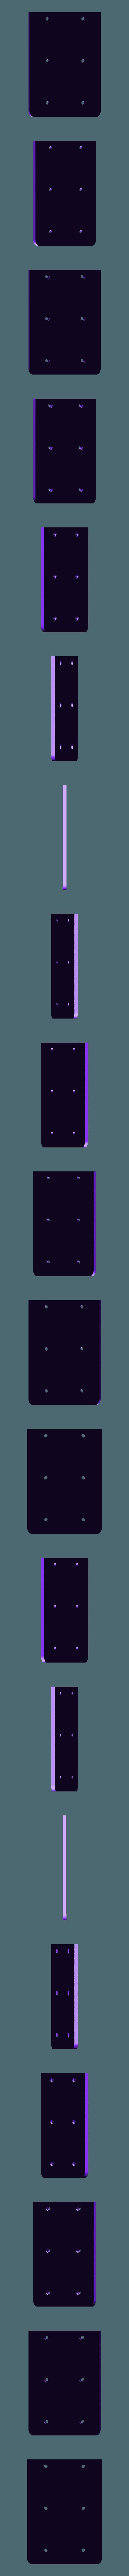 WingMountPlate_2_Scaled.stl Télécharger fichier STL gratuit Module HF3D : Plan imprimé 3D • Modèle pour imprimante 3D, FurEter